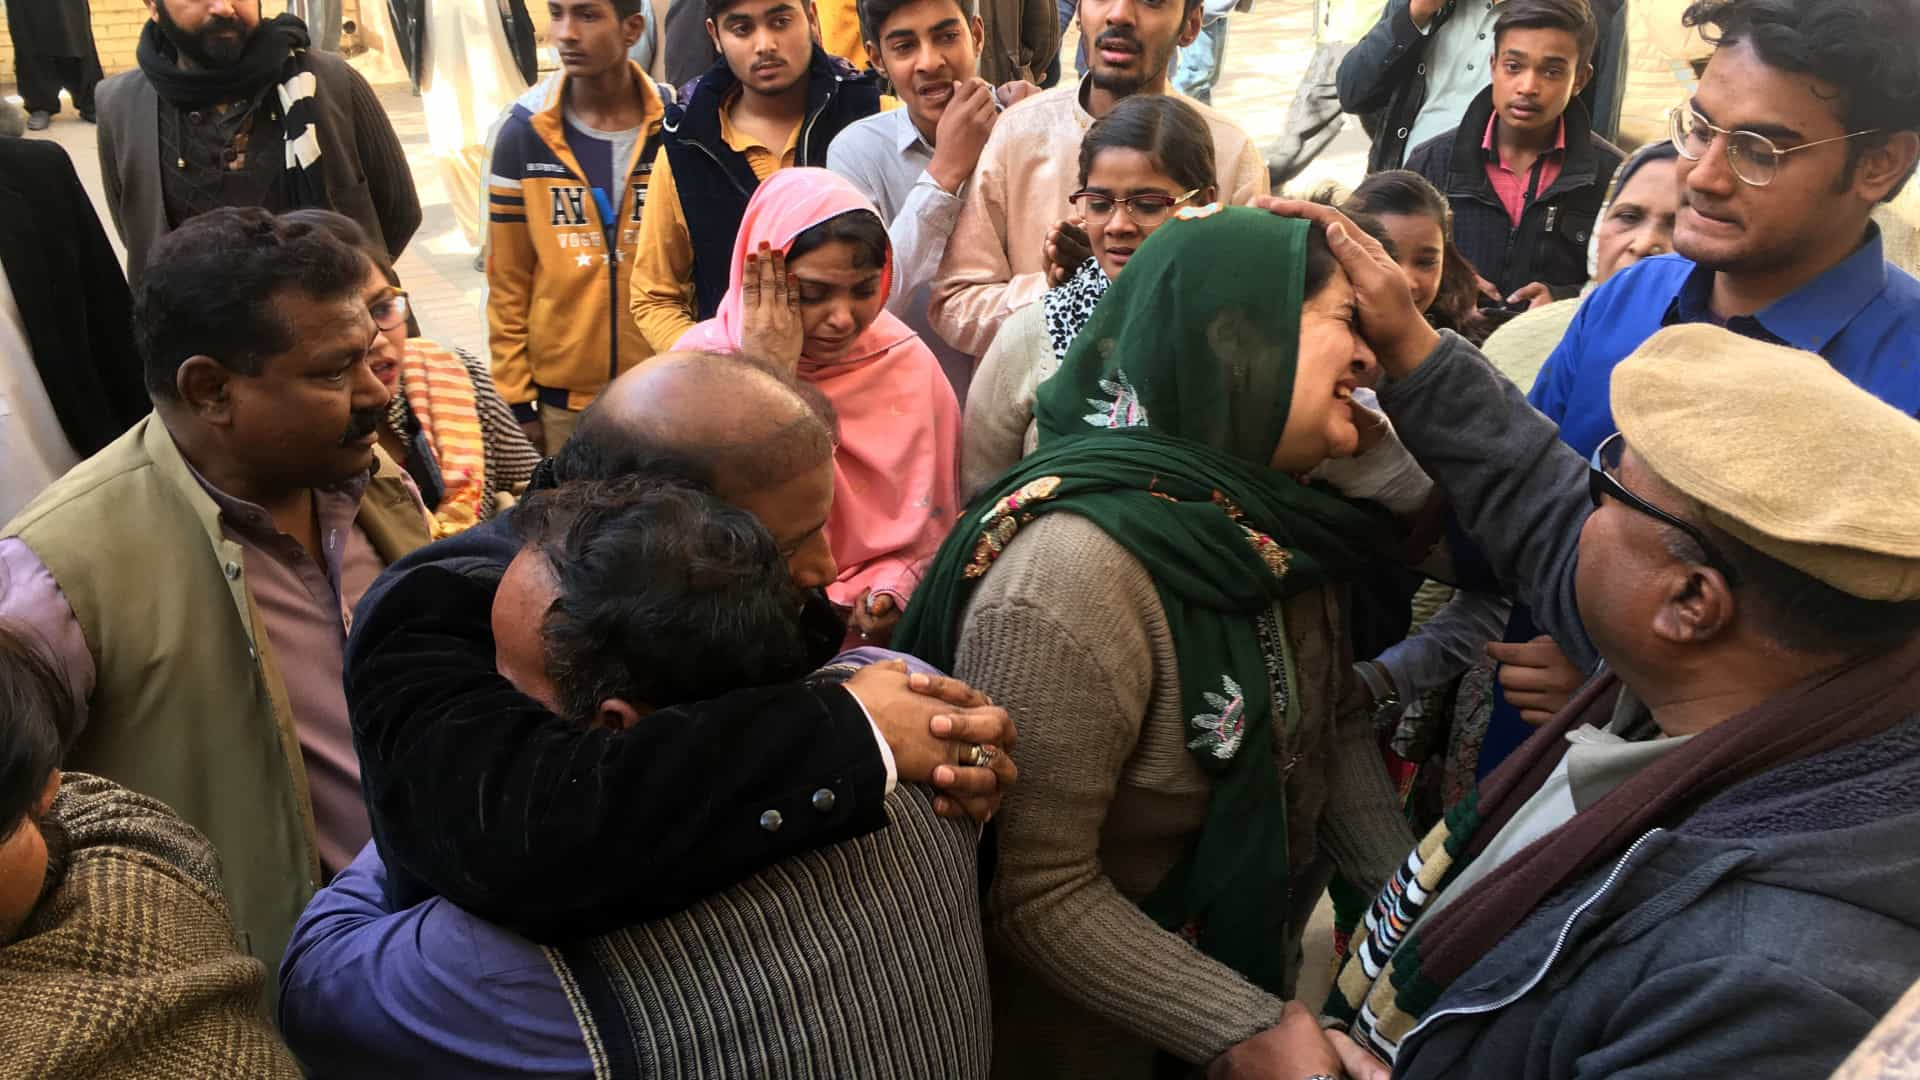 Estado Islâmico reivindica ataque em igreja no Paquistão que faz oito mortos